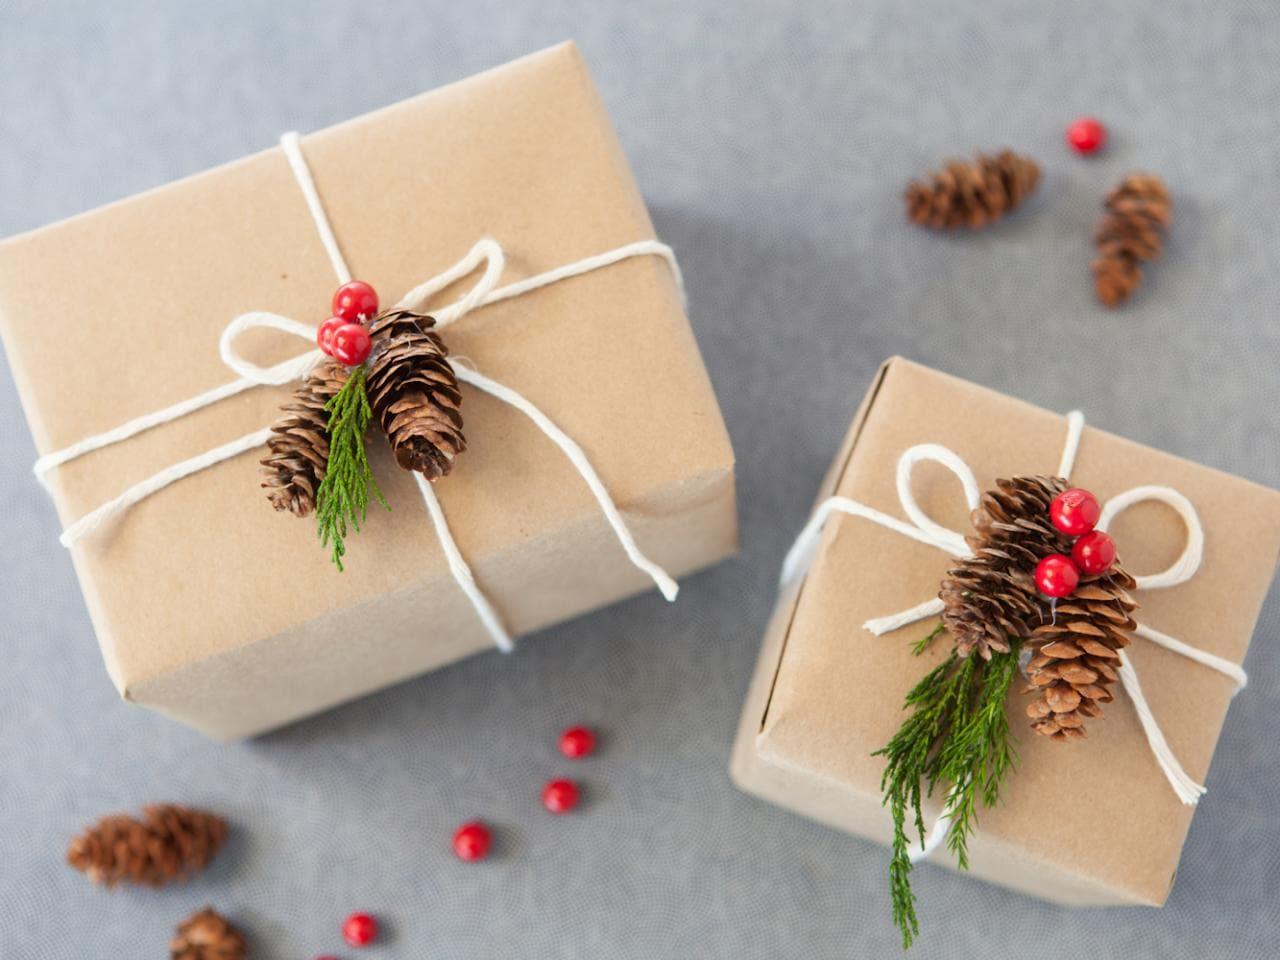 Come Fare Pacchetti Natalizi pacchetti natalizi come impacchettare regali